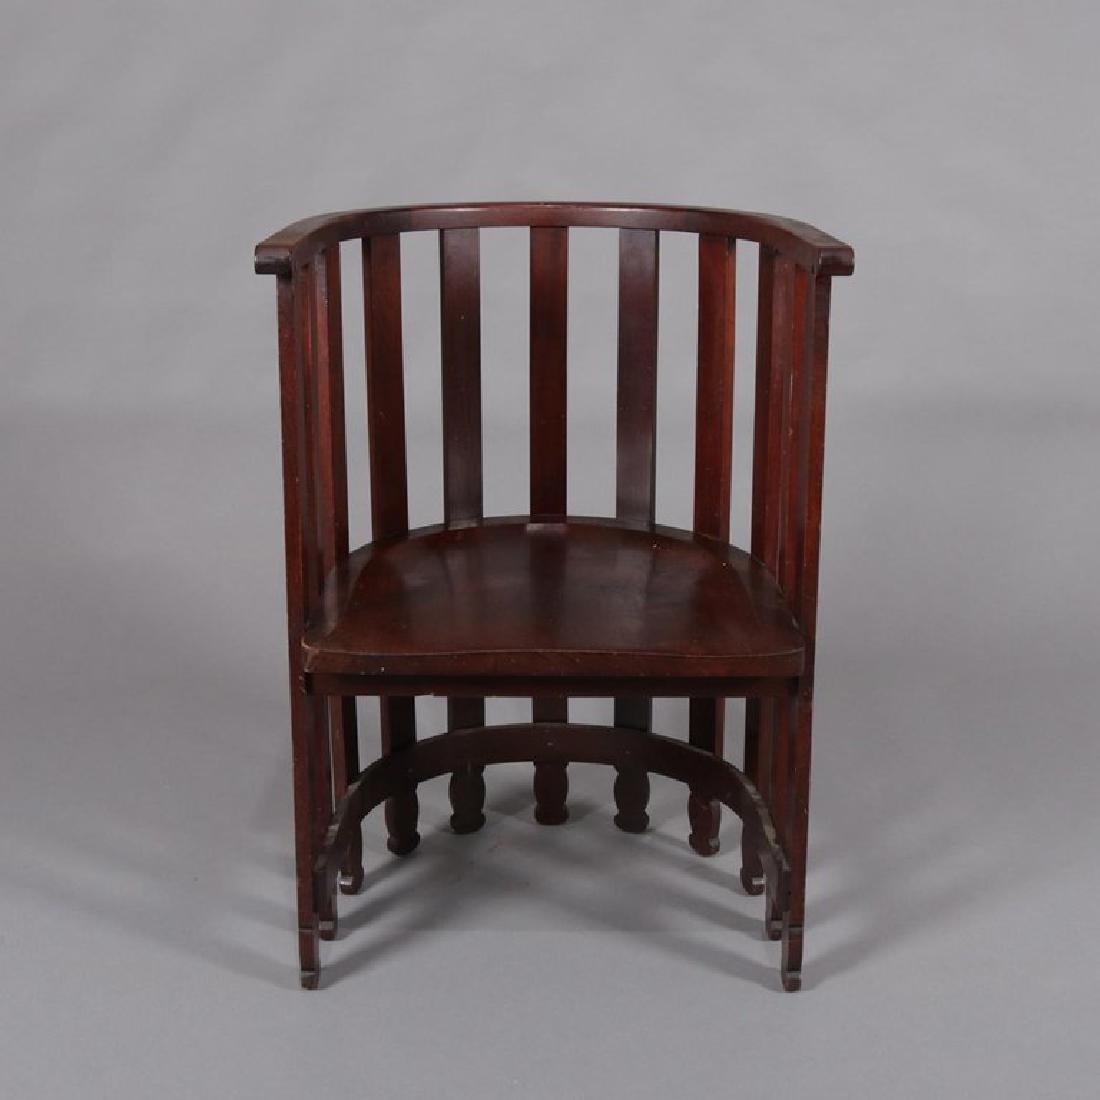 Arts & Crafts Prairie Frank Lloyd Wright School Chair - 4